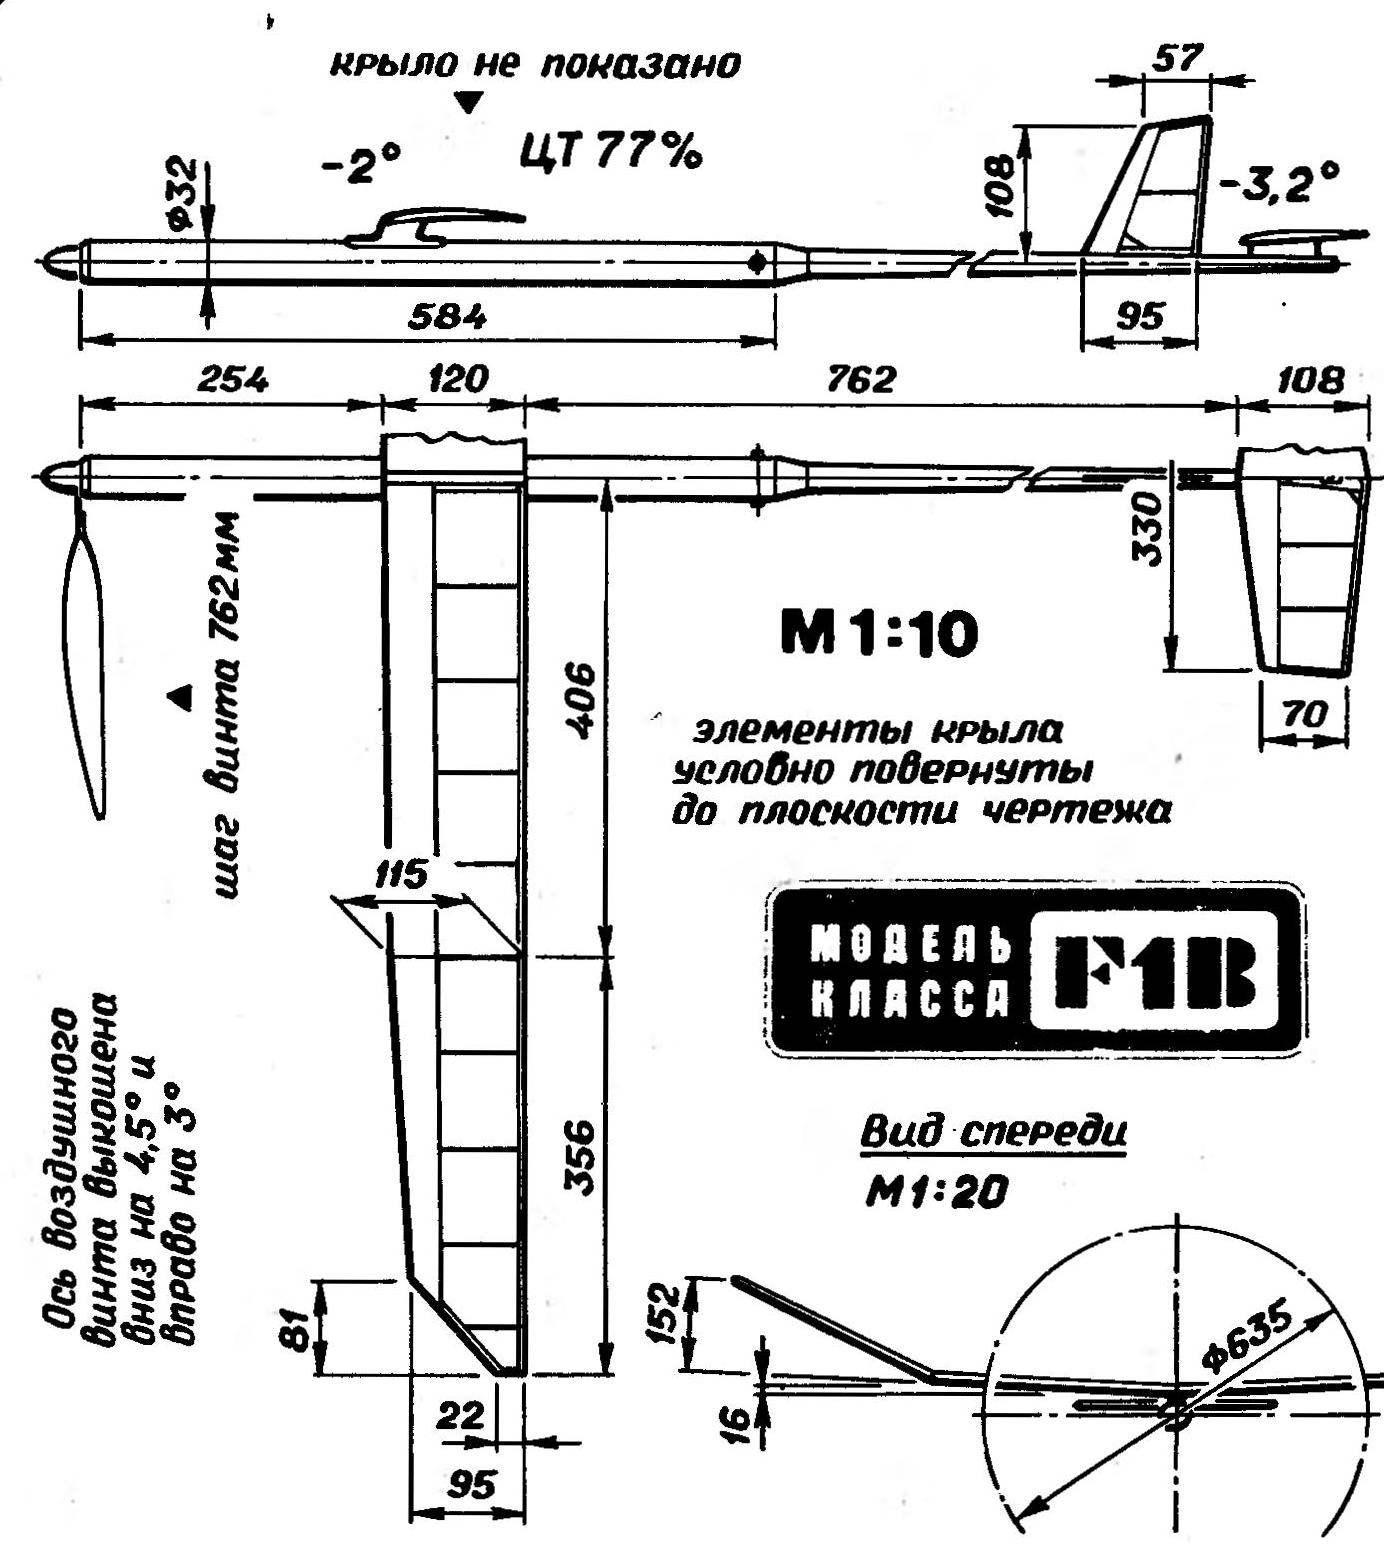 Р и с. 3. Резиномоторная свободнолетающая авиамодель призера чемпионата мира 1991 года канадца Тони Мэтьюса